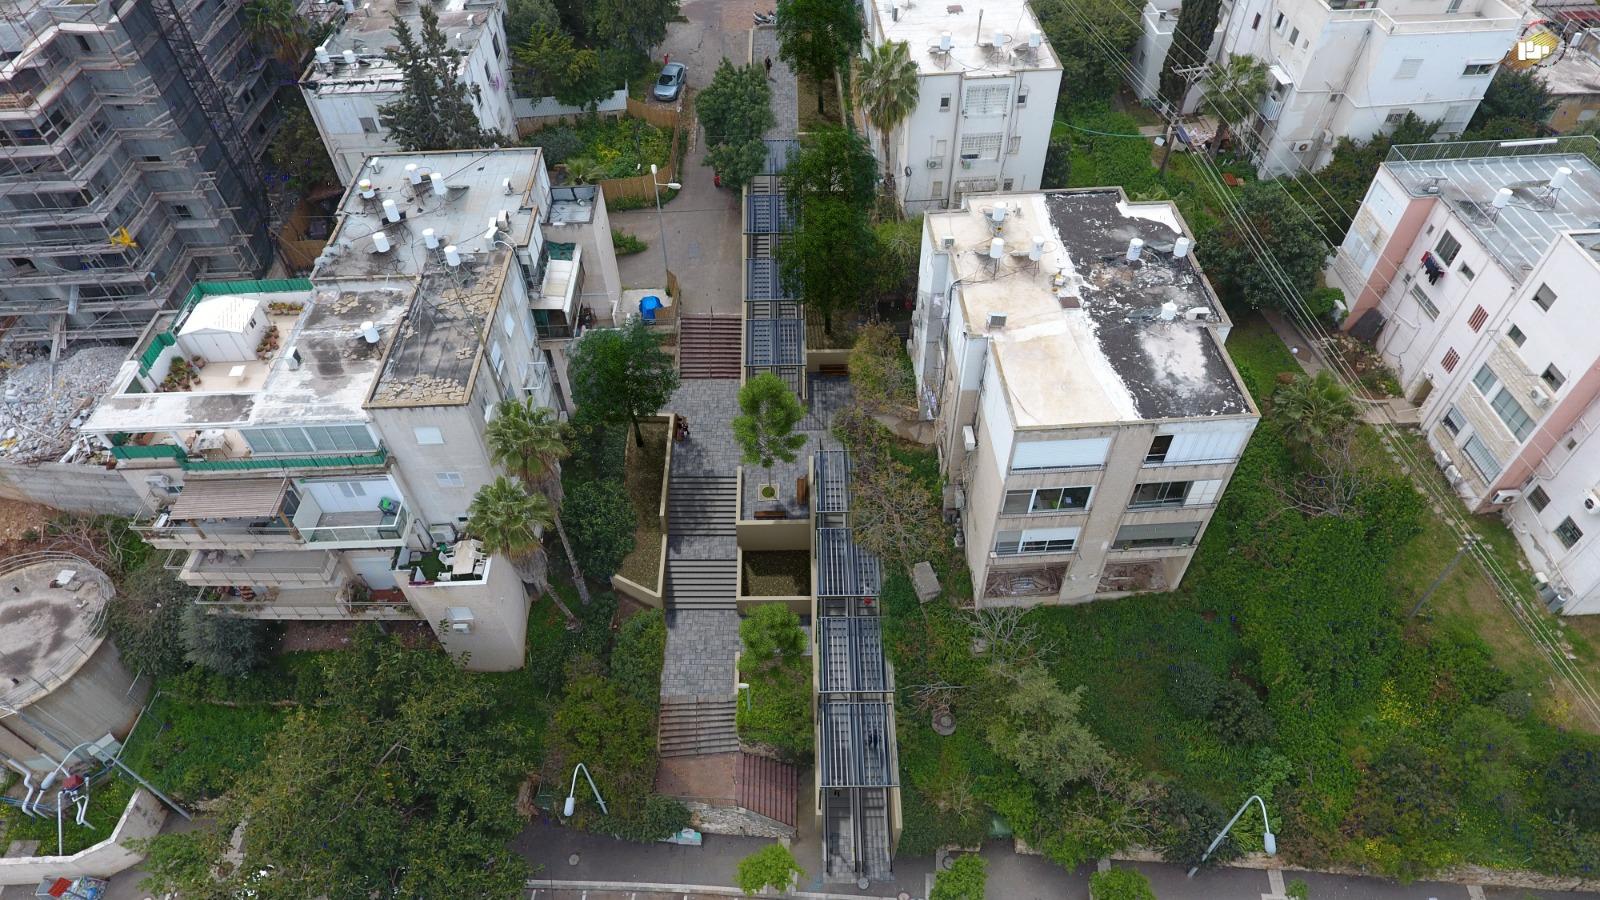 """מצ""""ב צילום מצב קיים והדמיית הצבת דרגנוע בשכונת נווה-שאנן קרדיט אדריכלות נוף והדמיות: משרד ינון - תכנון יעוץ ומחקר"""